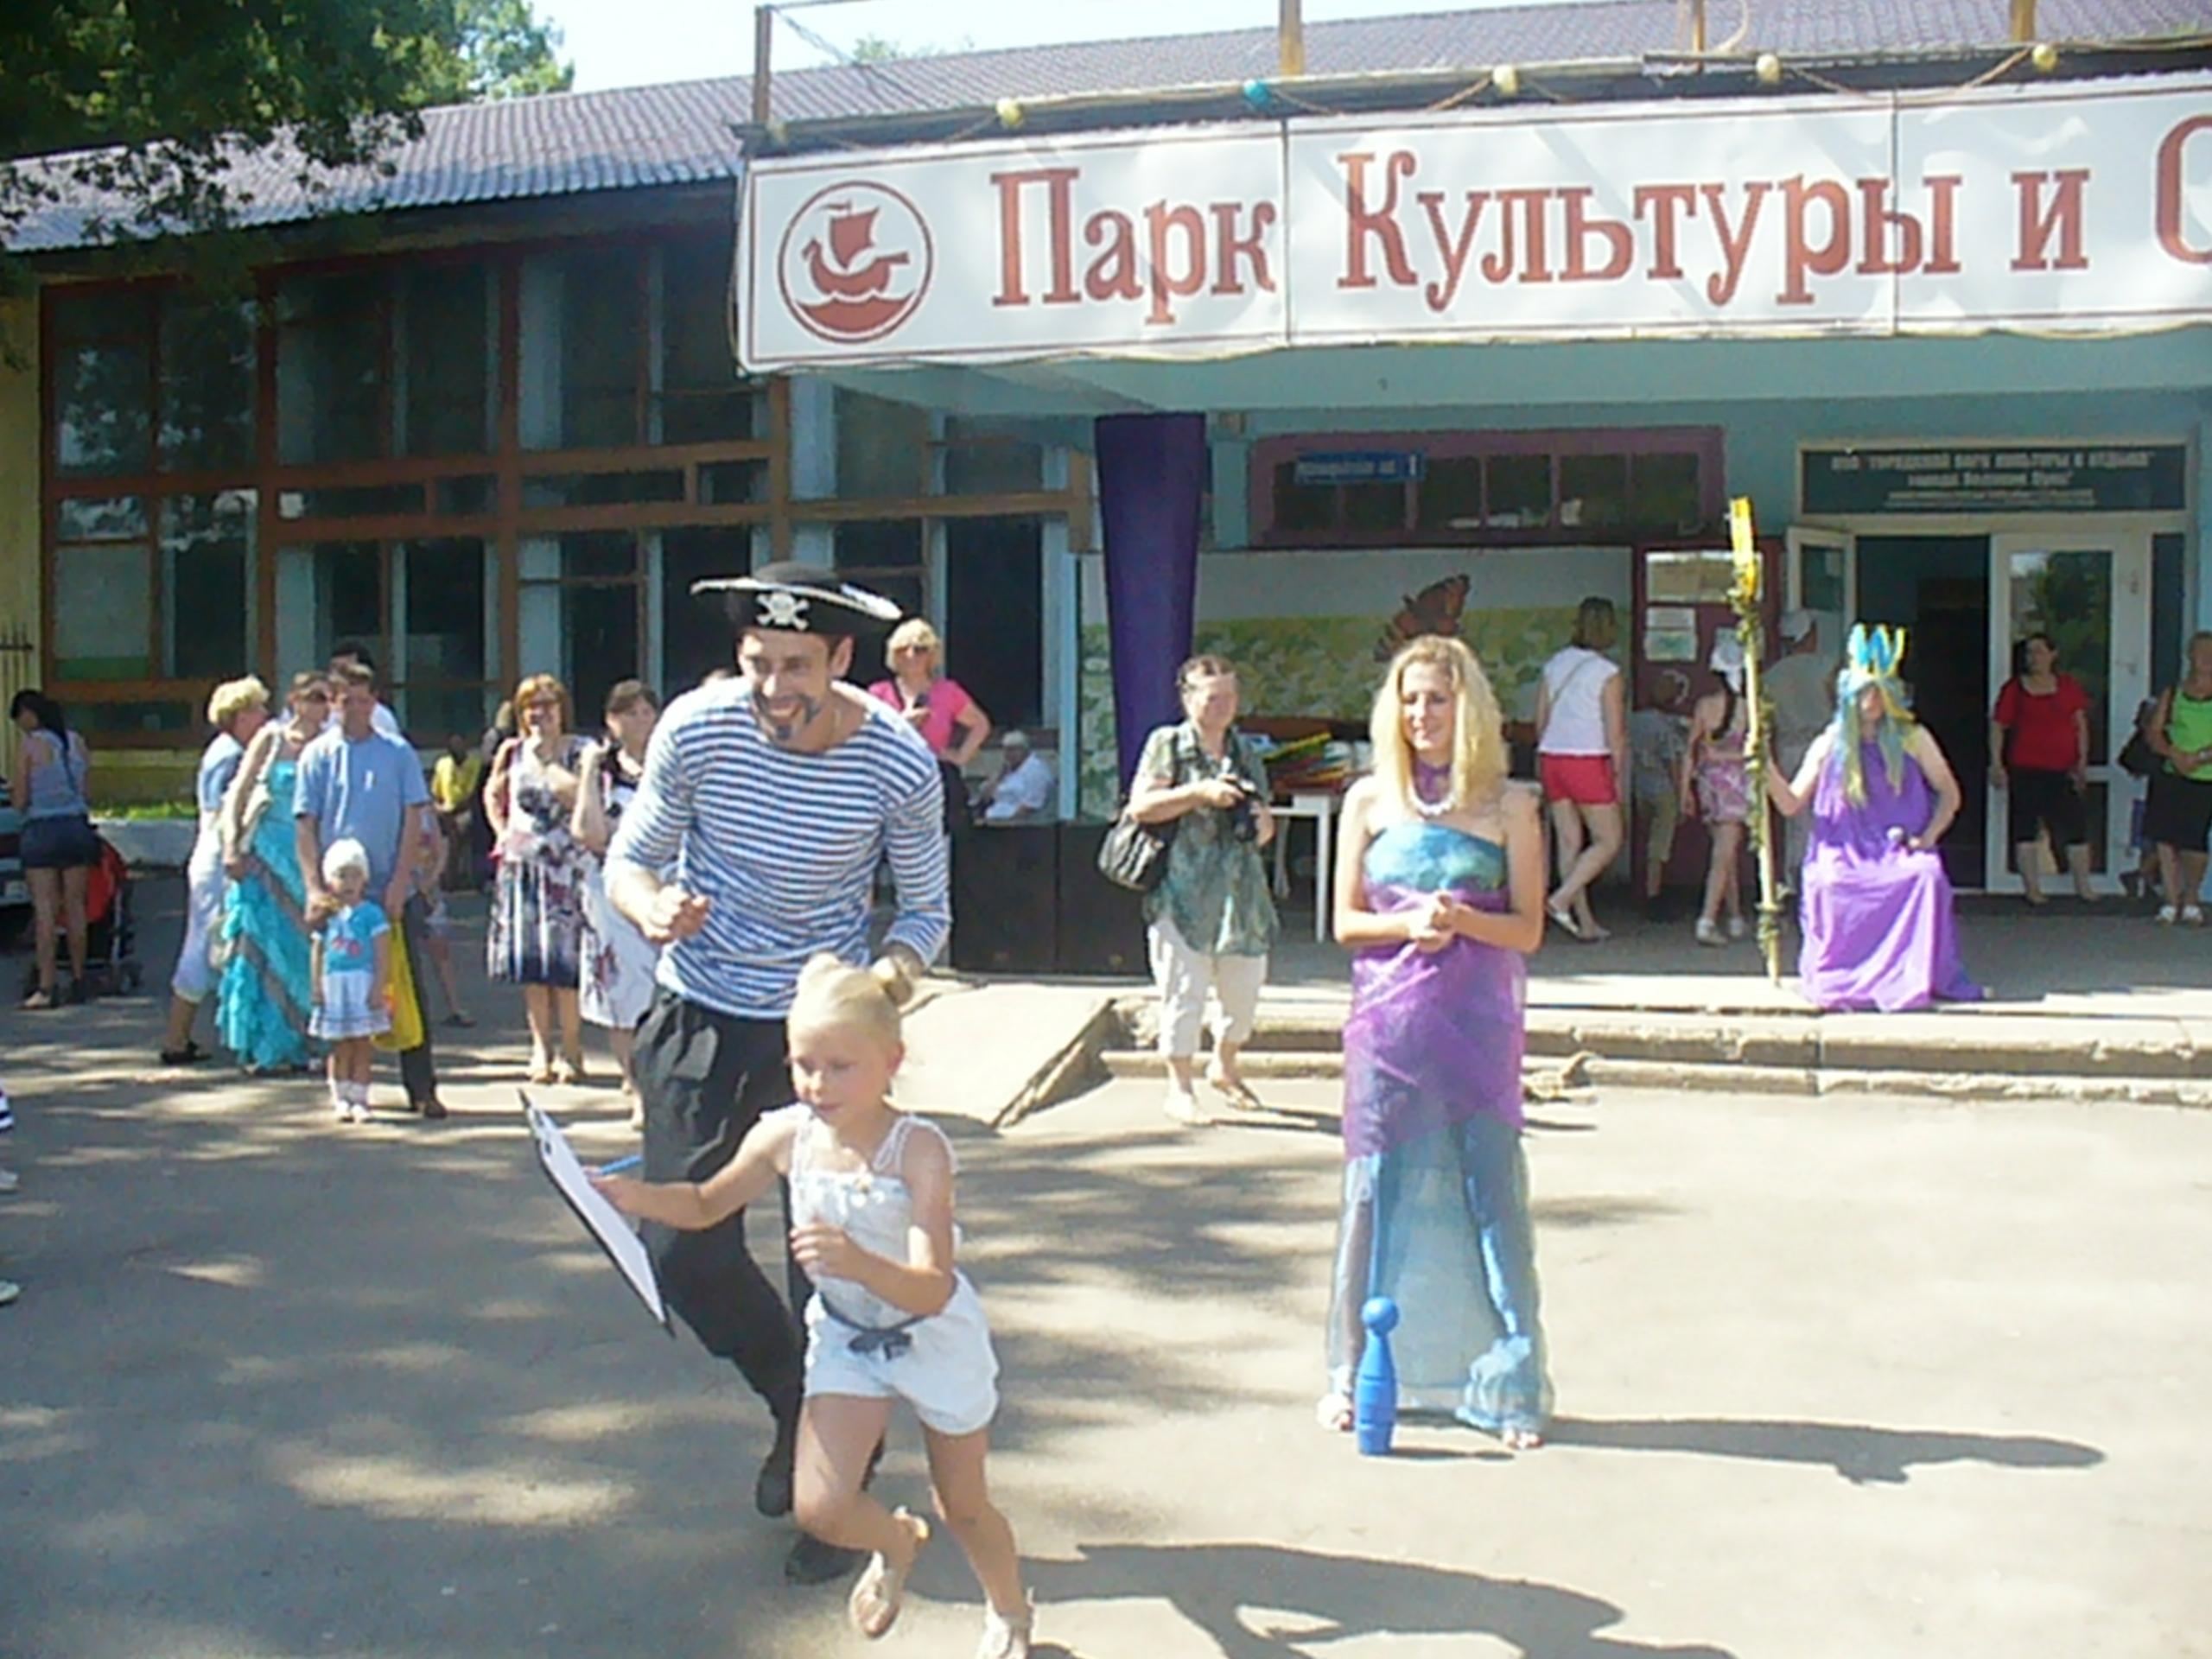 novomoskovsk-tulskaya-oblast-snyat-prostitutku